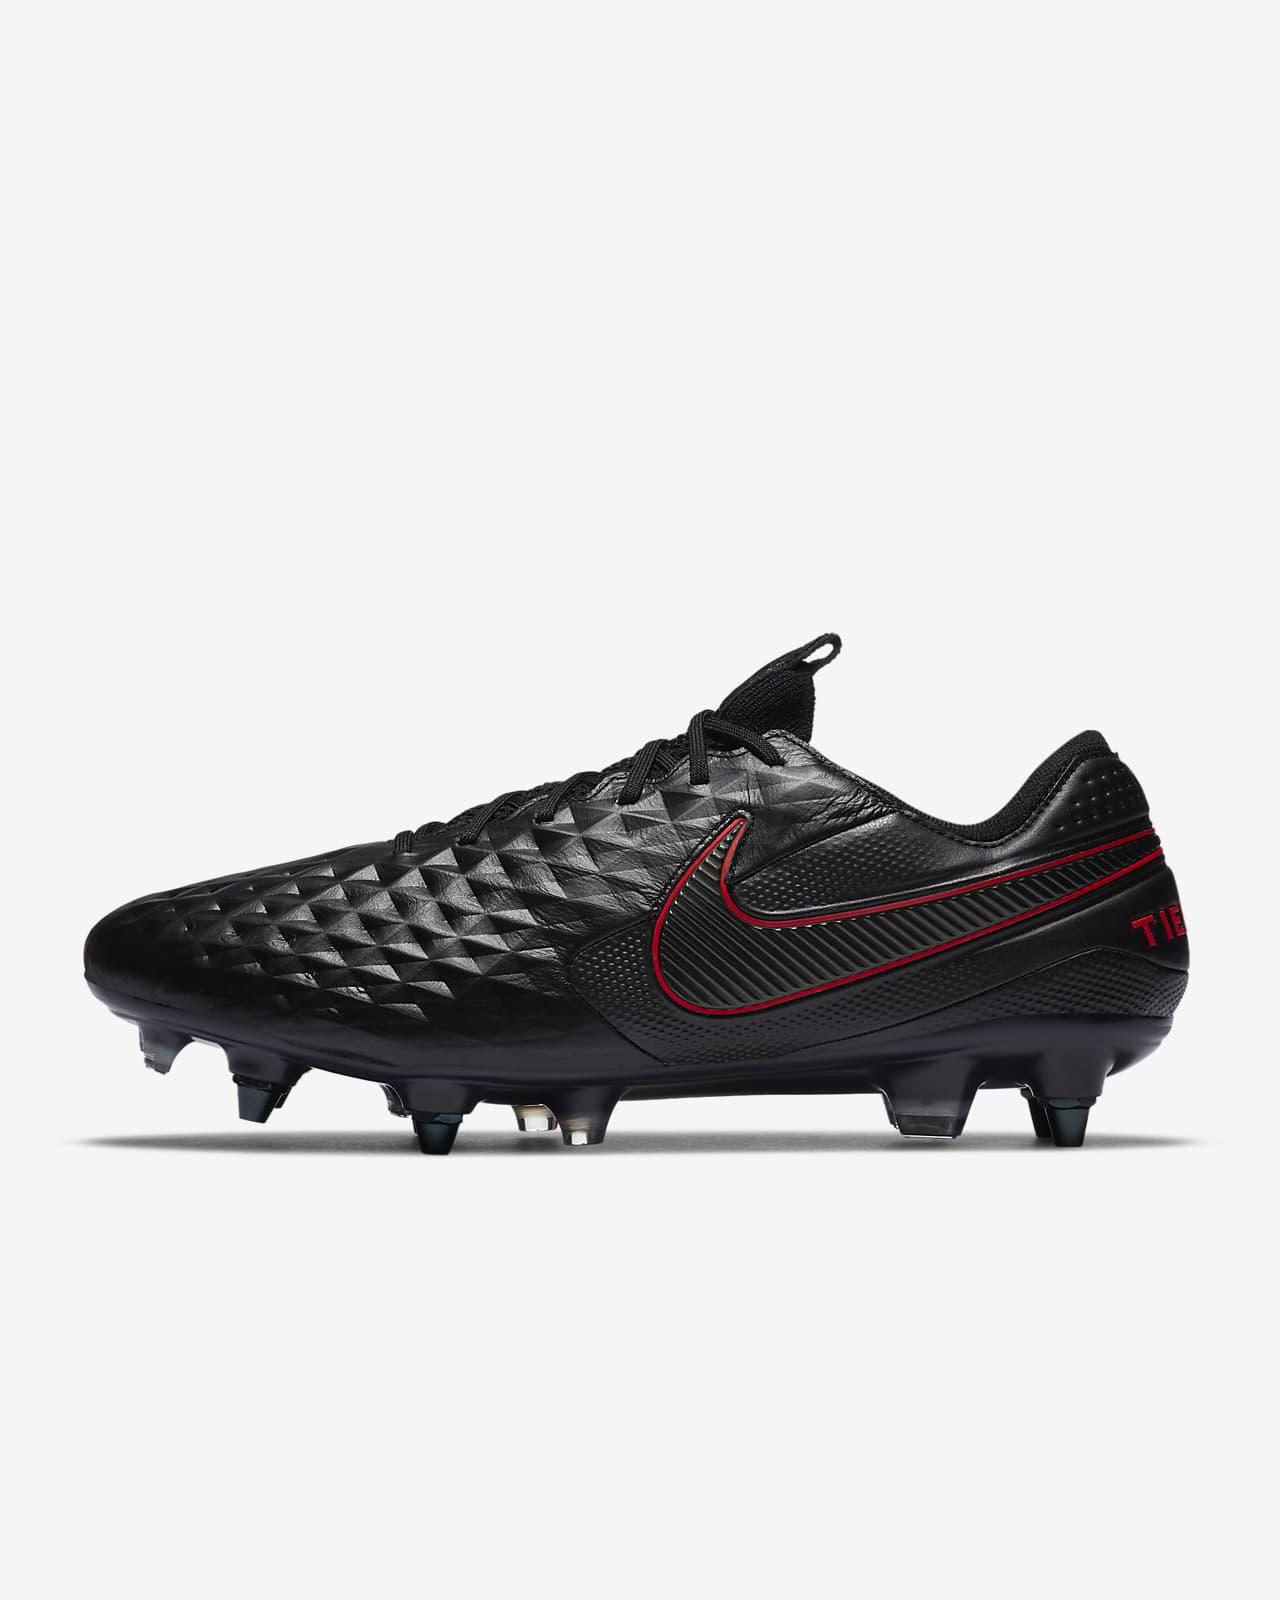 Футбольные бутсы для игры на мягком грунте Nike Tiempo Legend 8 Elite SG-PRO Anti-Clog Traction